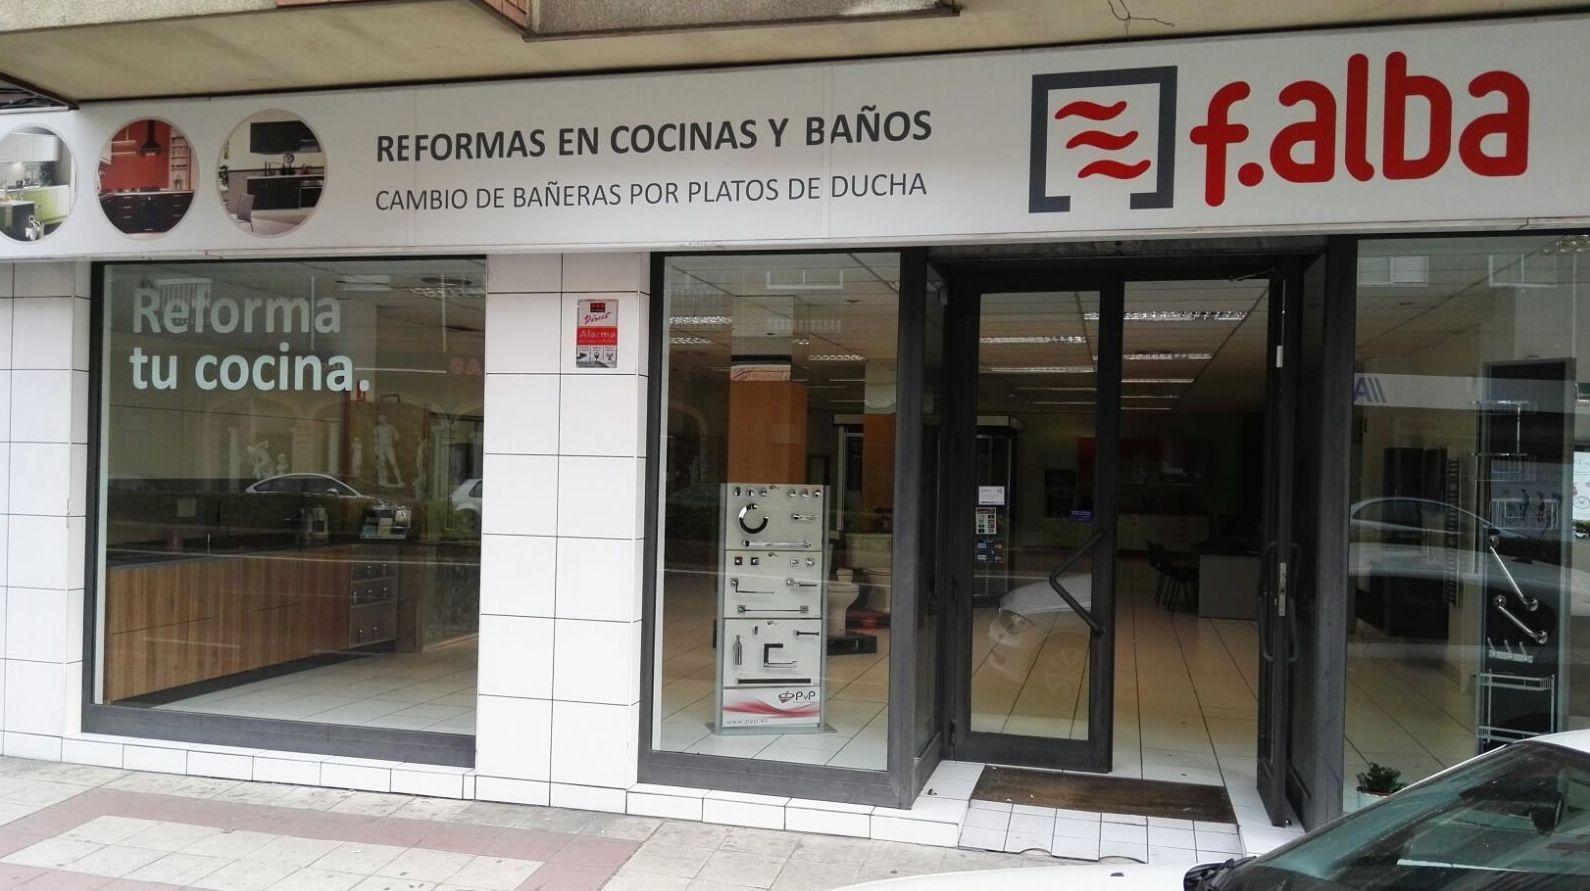 Tienda de reformas de cocinas y baños en León